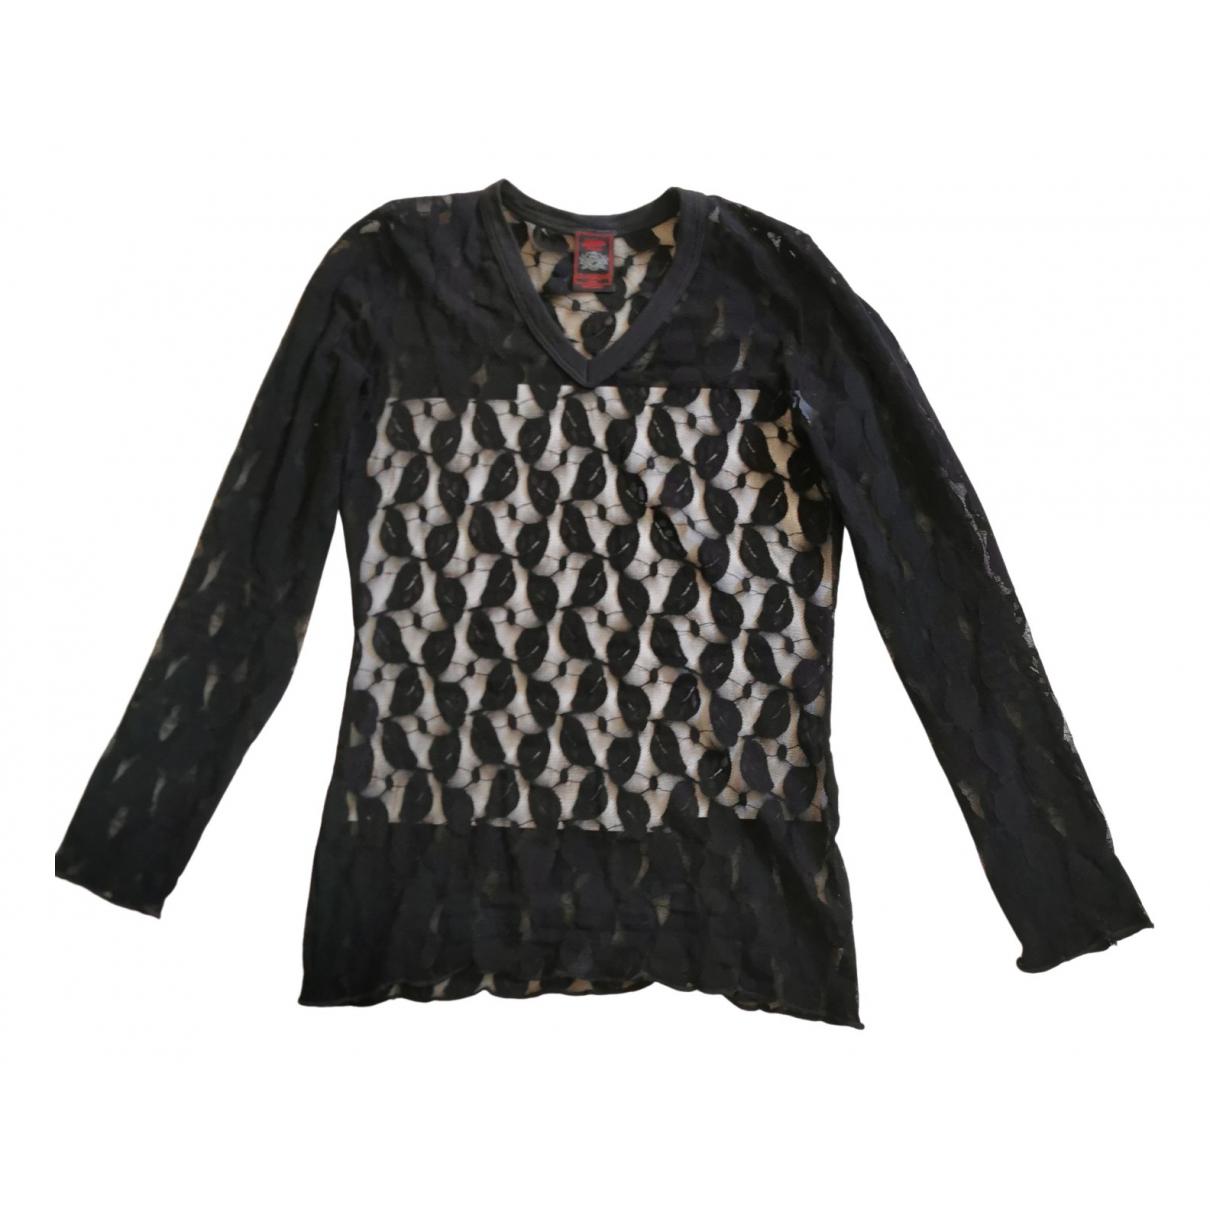 Jean Paul Gaultier \N Black  top for Women 36 FR